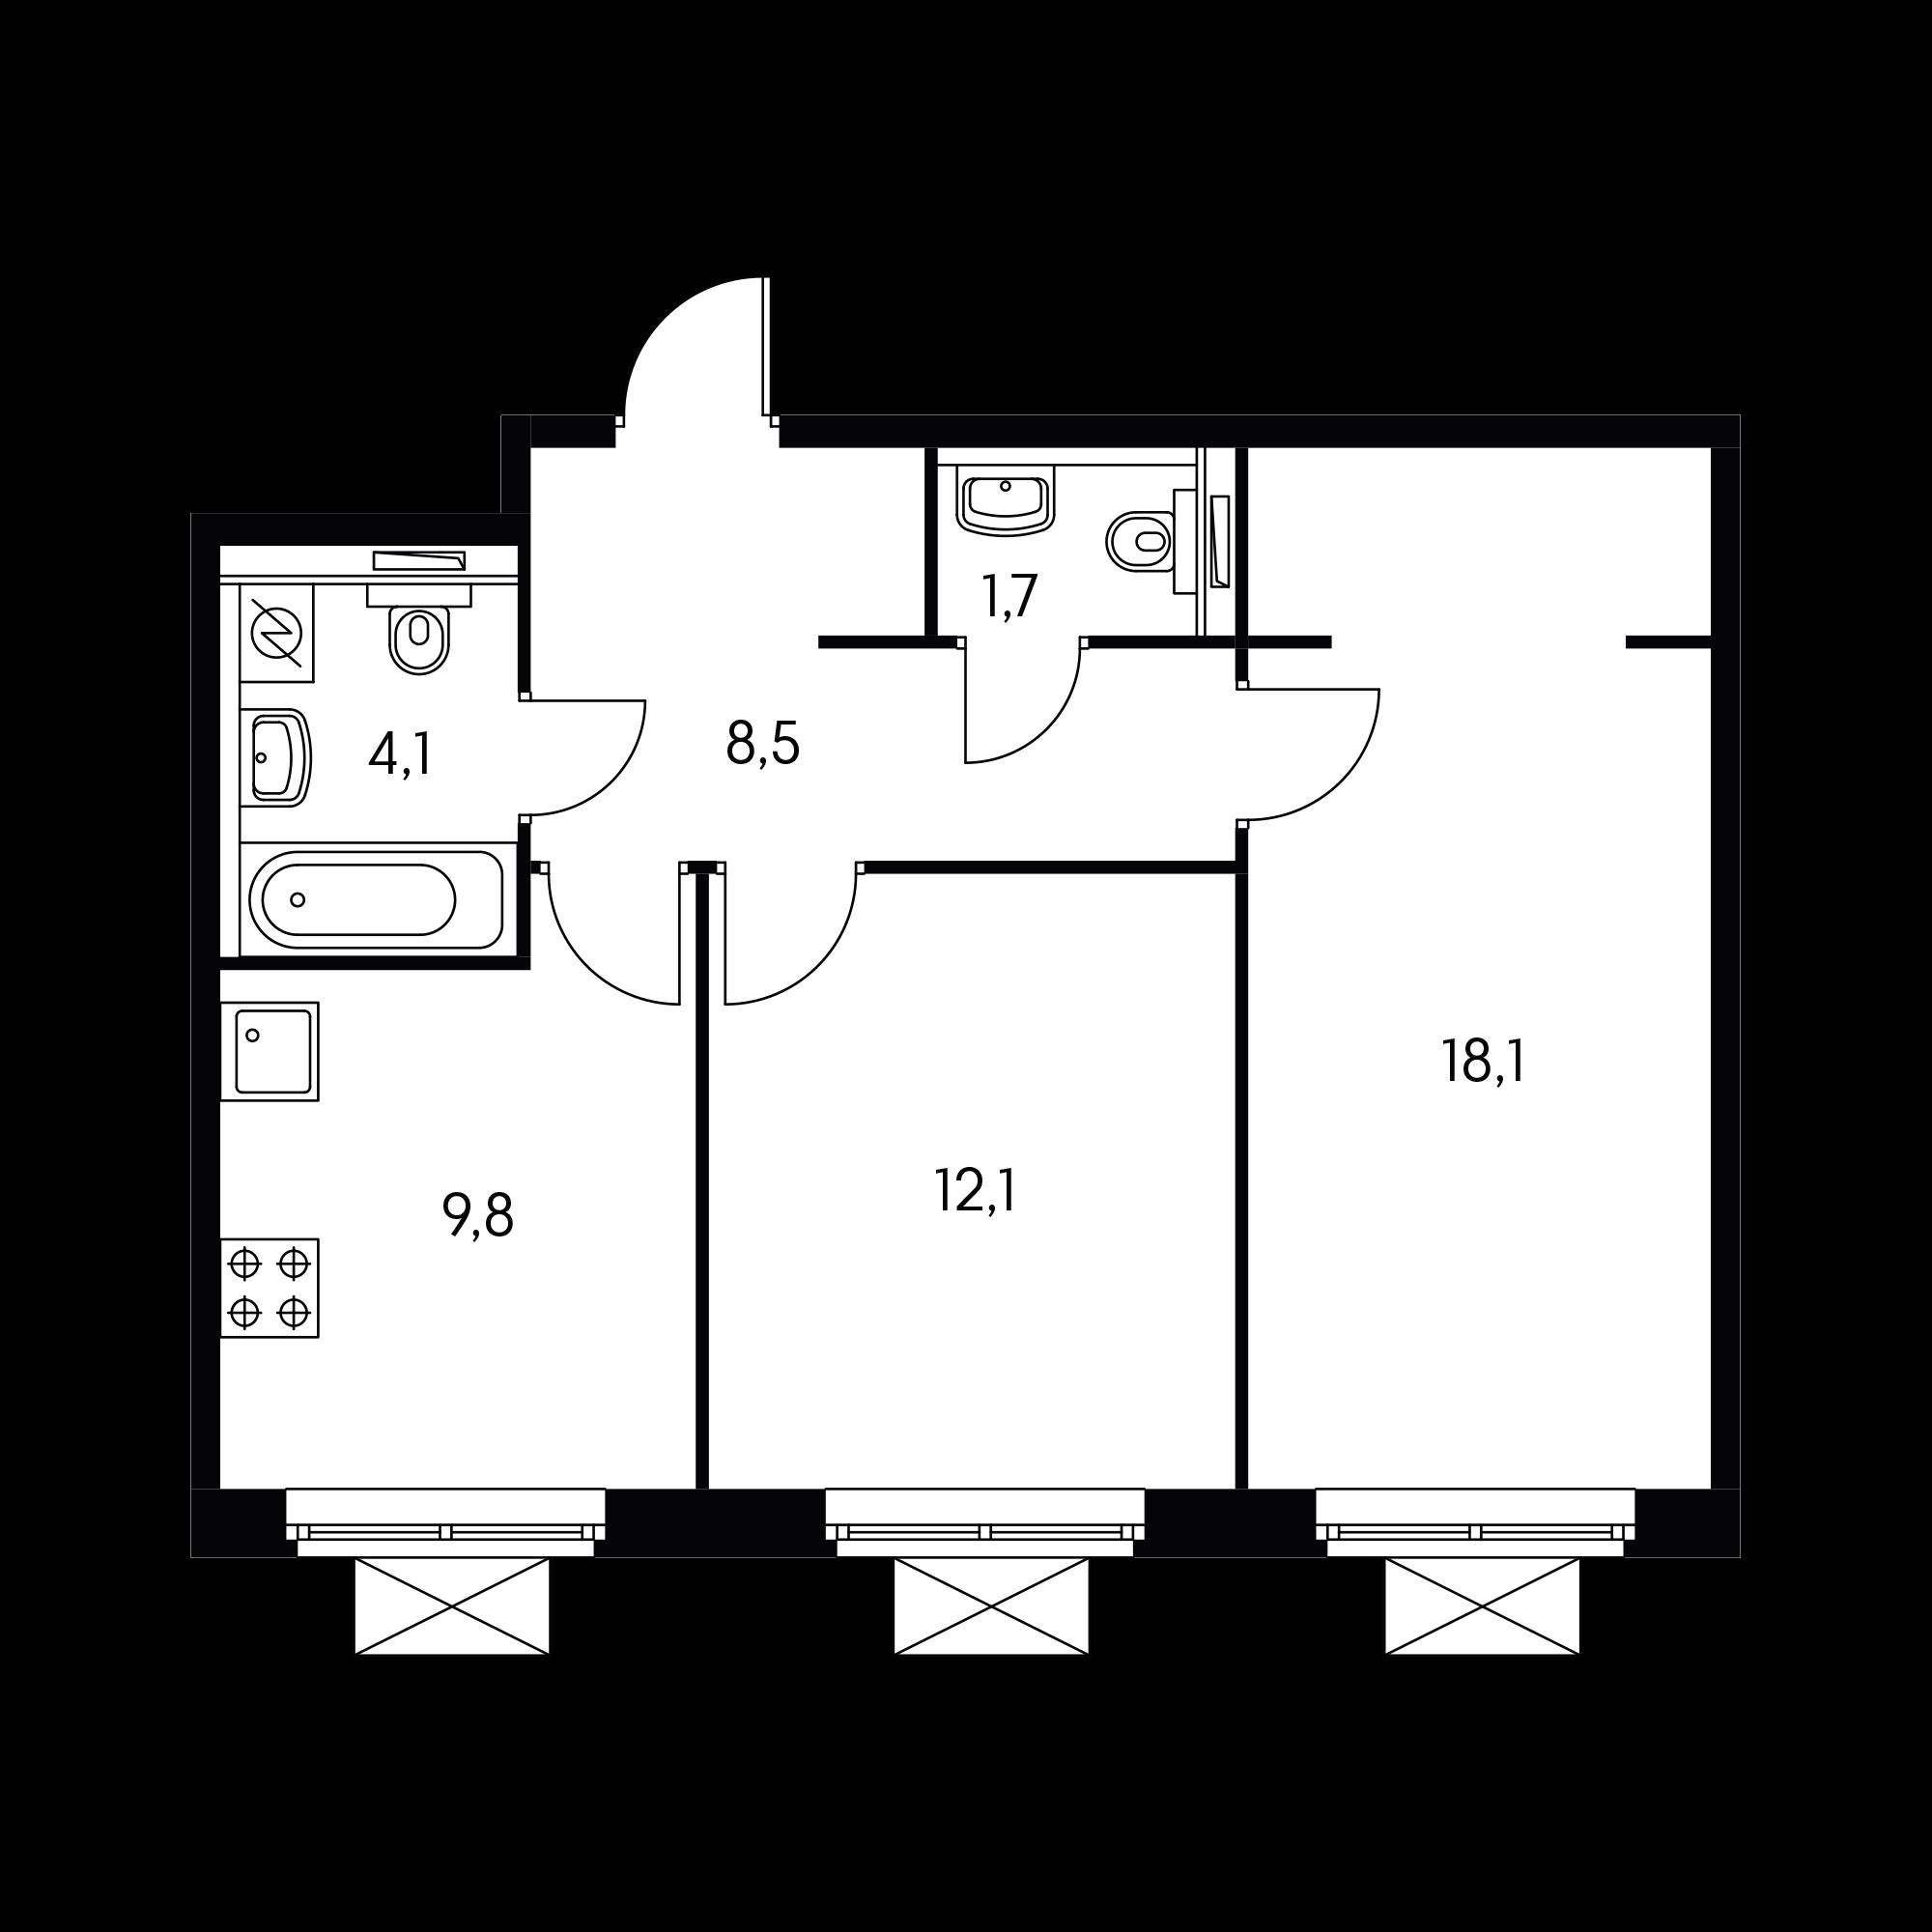 2KS6_9.3-1_S_Z